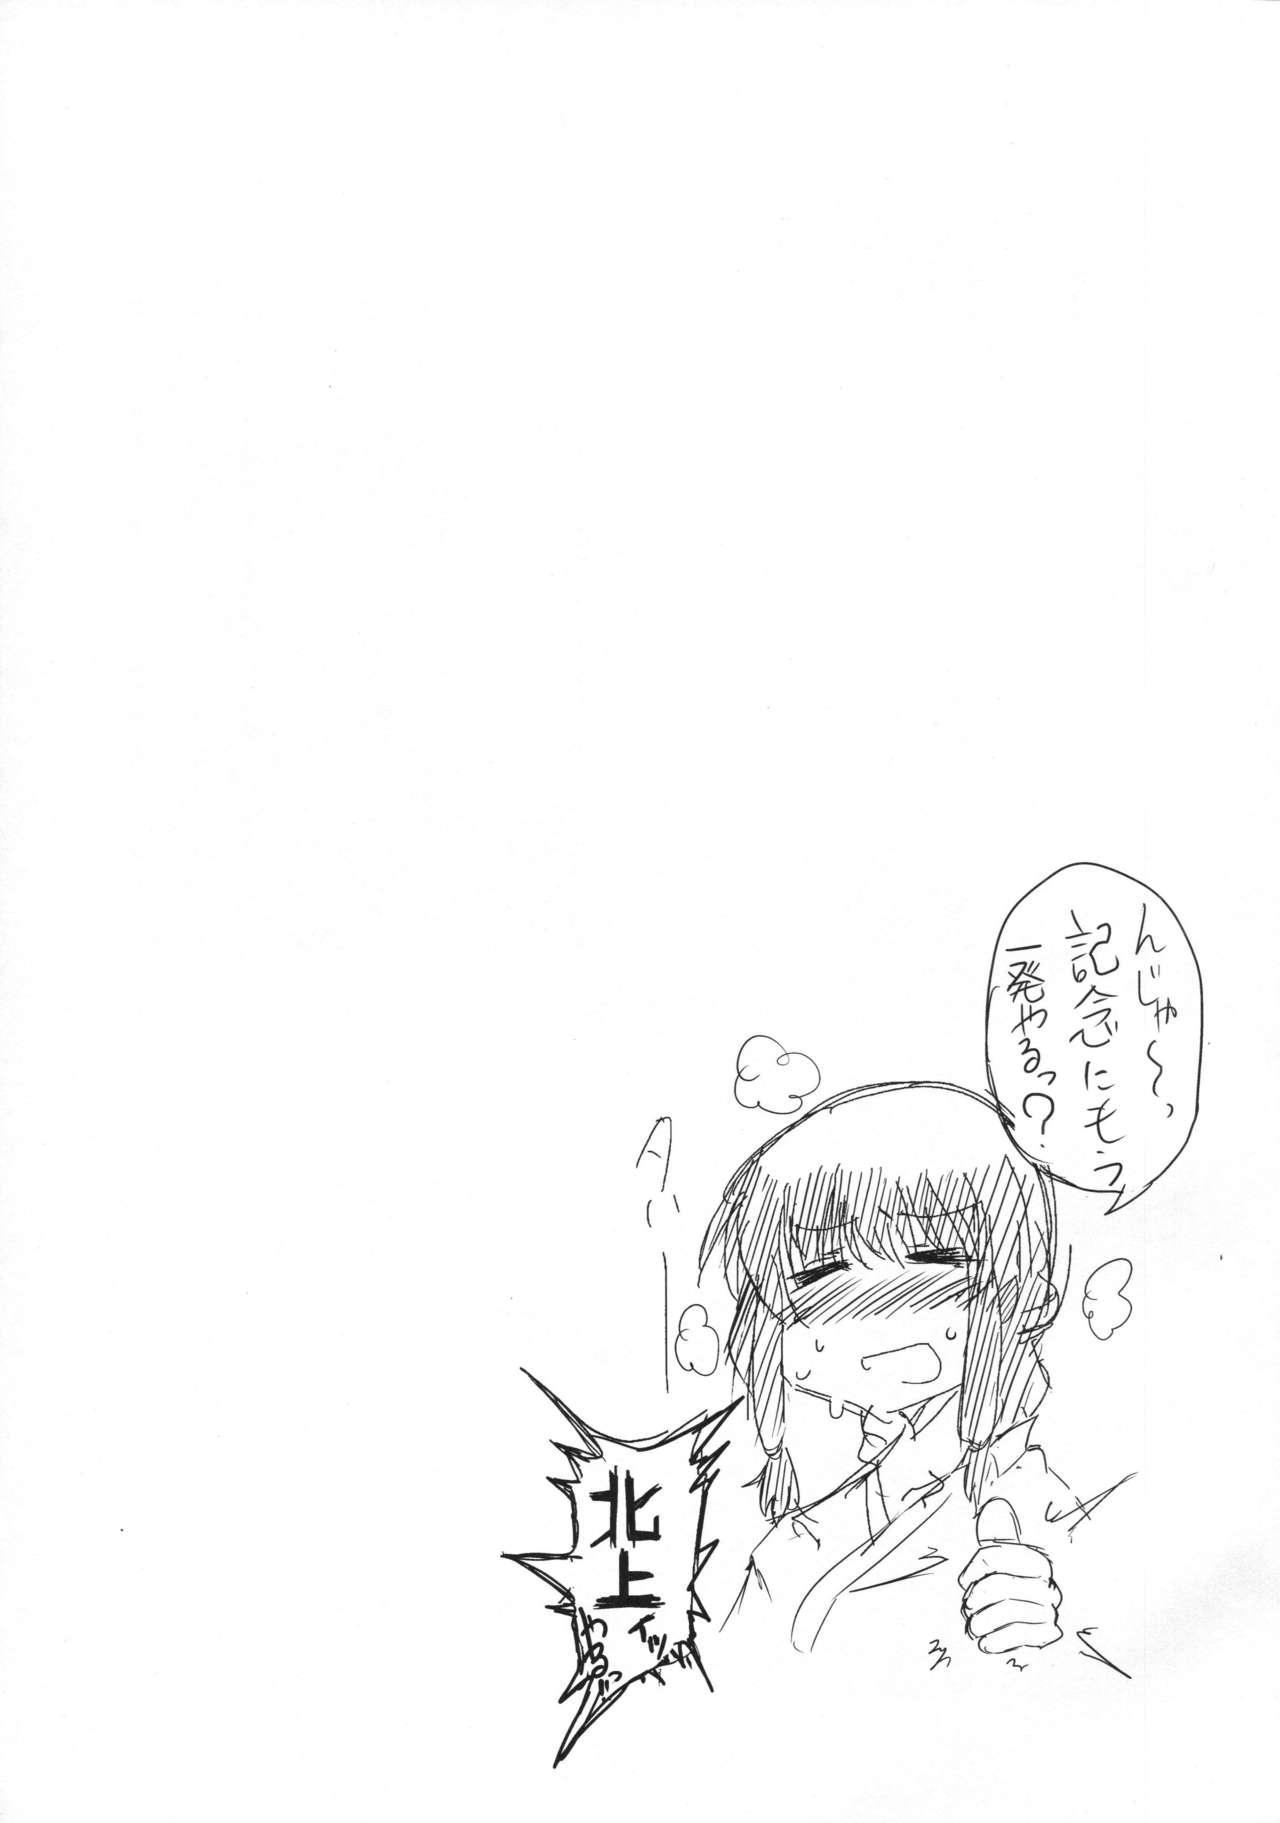 Kitakami-sama to H suru Hon sono 2 19